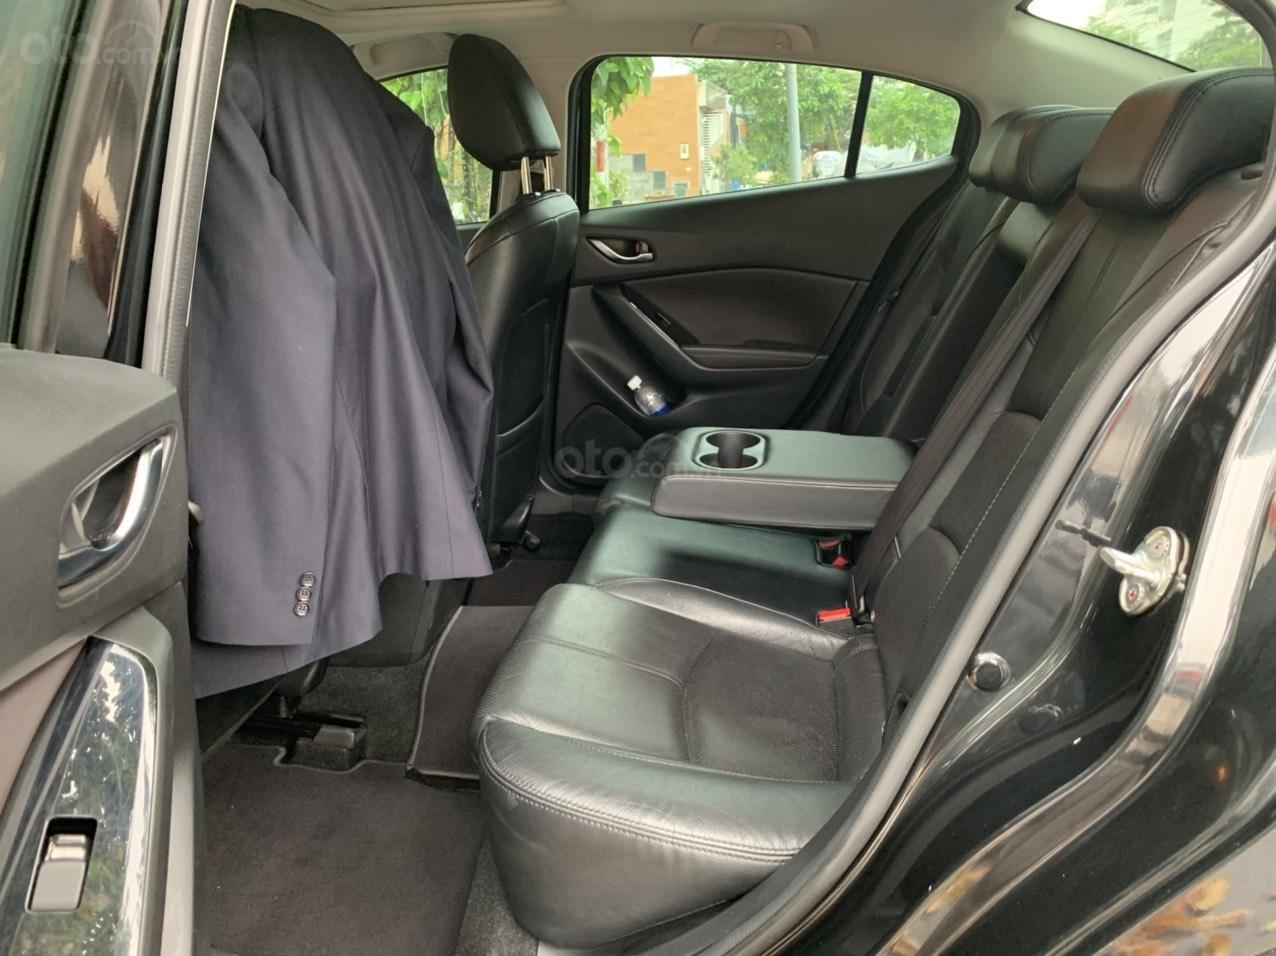 Chính chủ đổi xe cần bán Mazda 3 đời 2018, 1 đời chủ mua mới, bảo dưỡng định kỳ tại hãng, giá tốt (5)